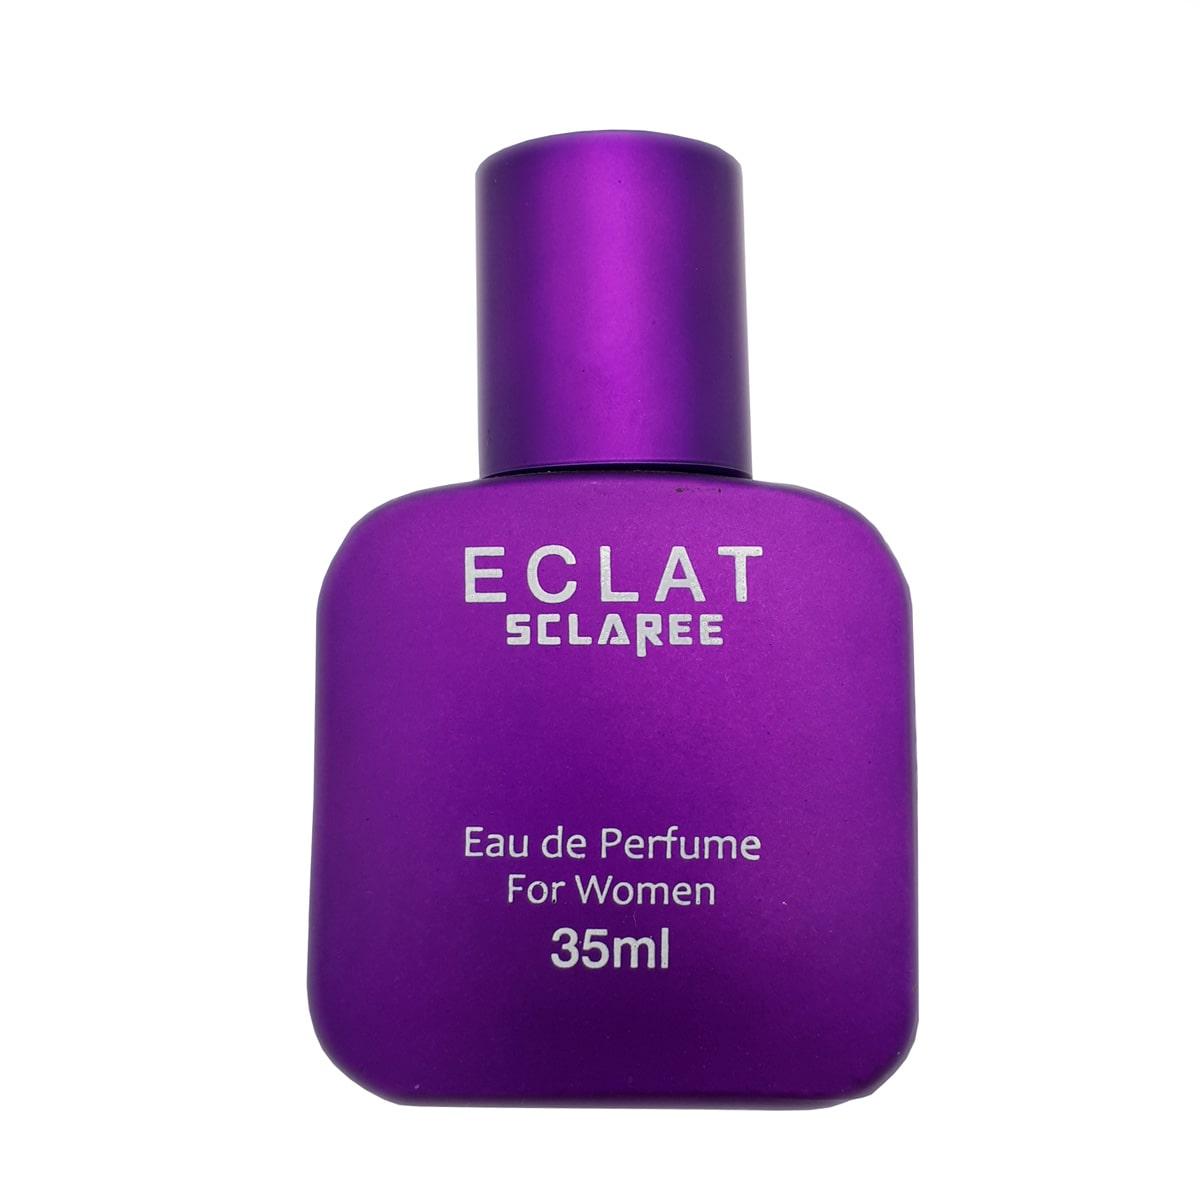 عطر جیبی مردانه اسکلاره مدل ECLAT حجم ۳۵ میلی لیتر